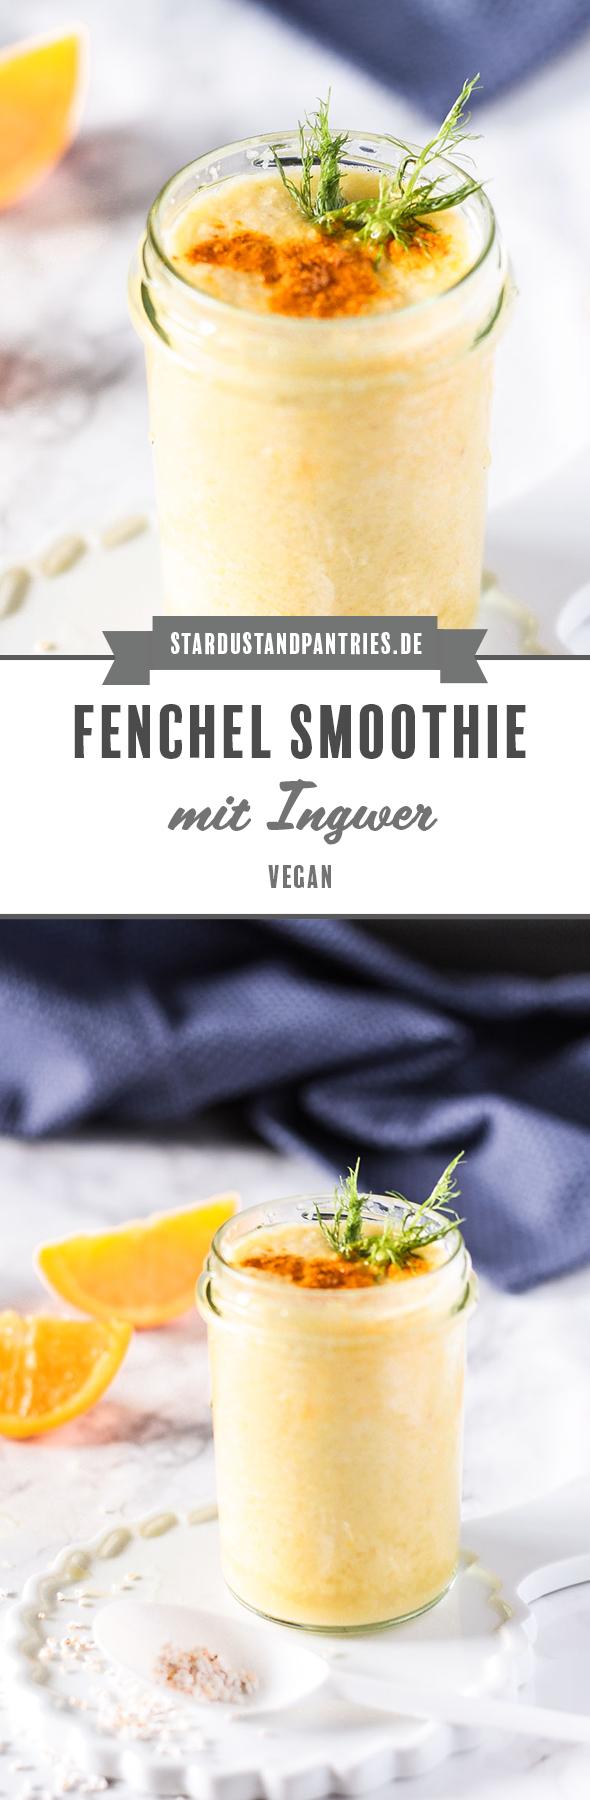 Veganer und gesunder Fenchel Smoothie mit Ingwer und Kurkuma. Ein leckerer Snack mit vielen guten Nährstoffen! #Smoothie #vegan #Fenchel #Fenchelsmoothie